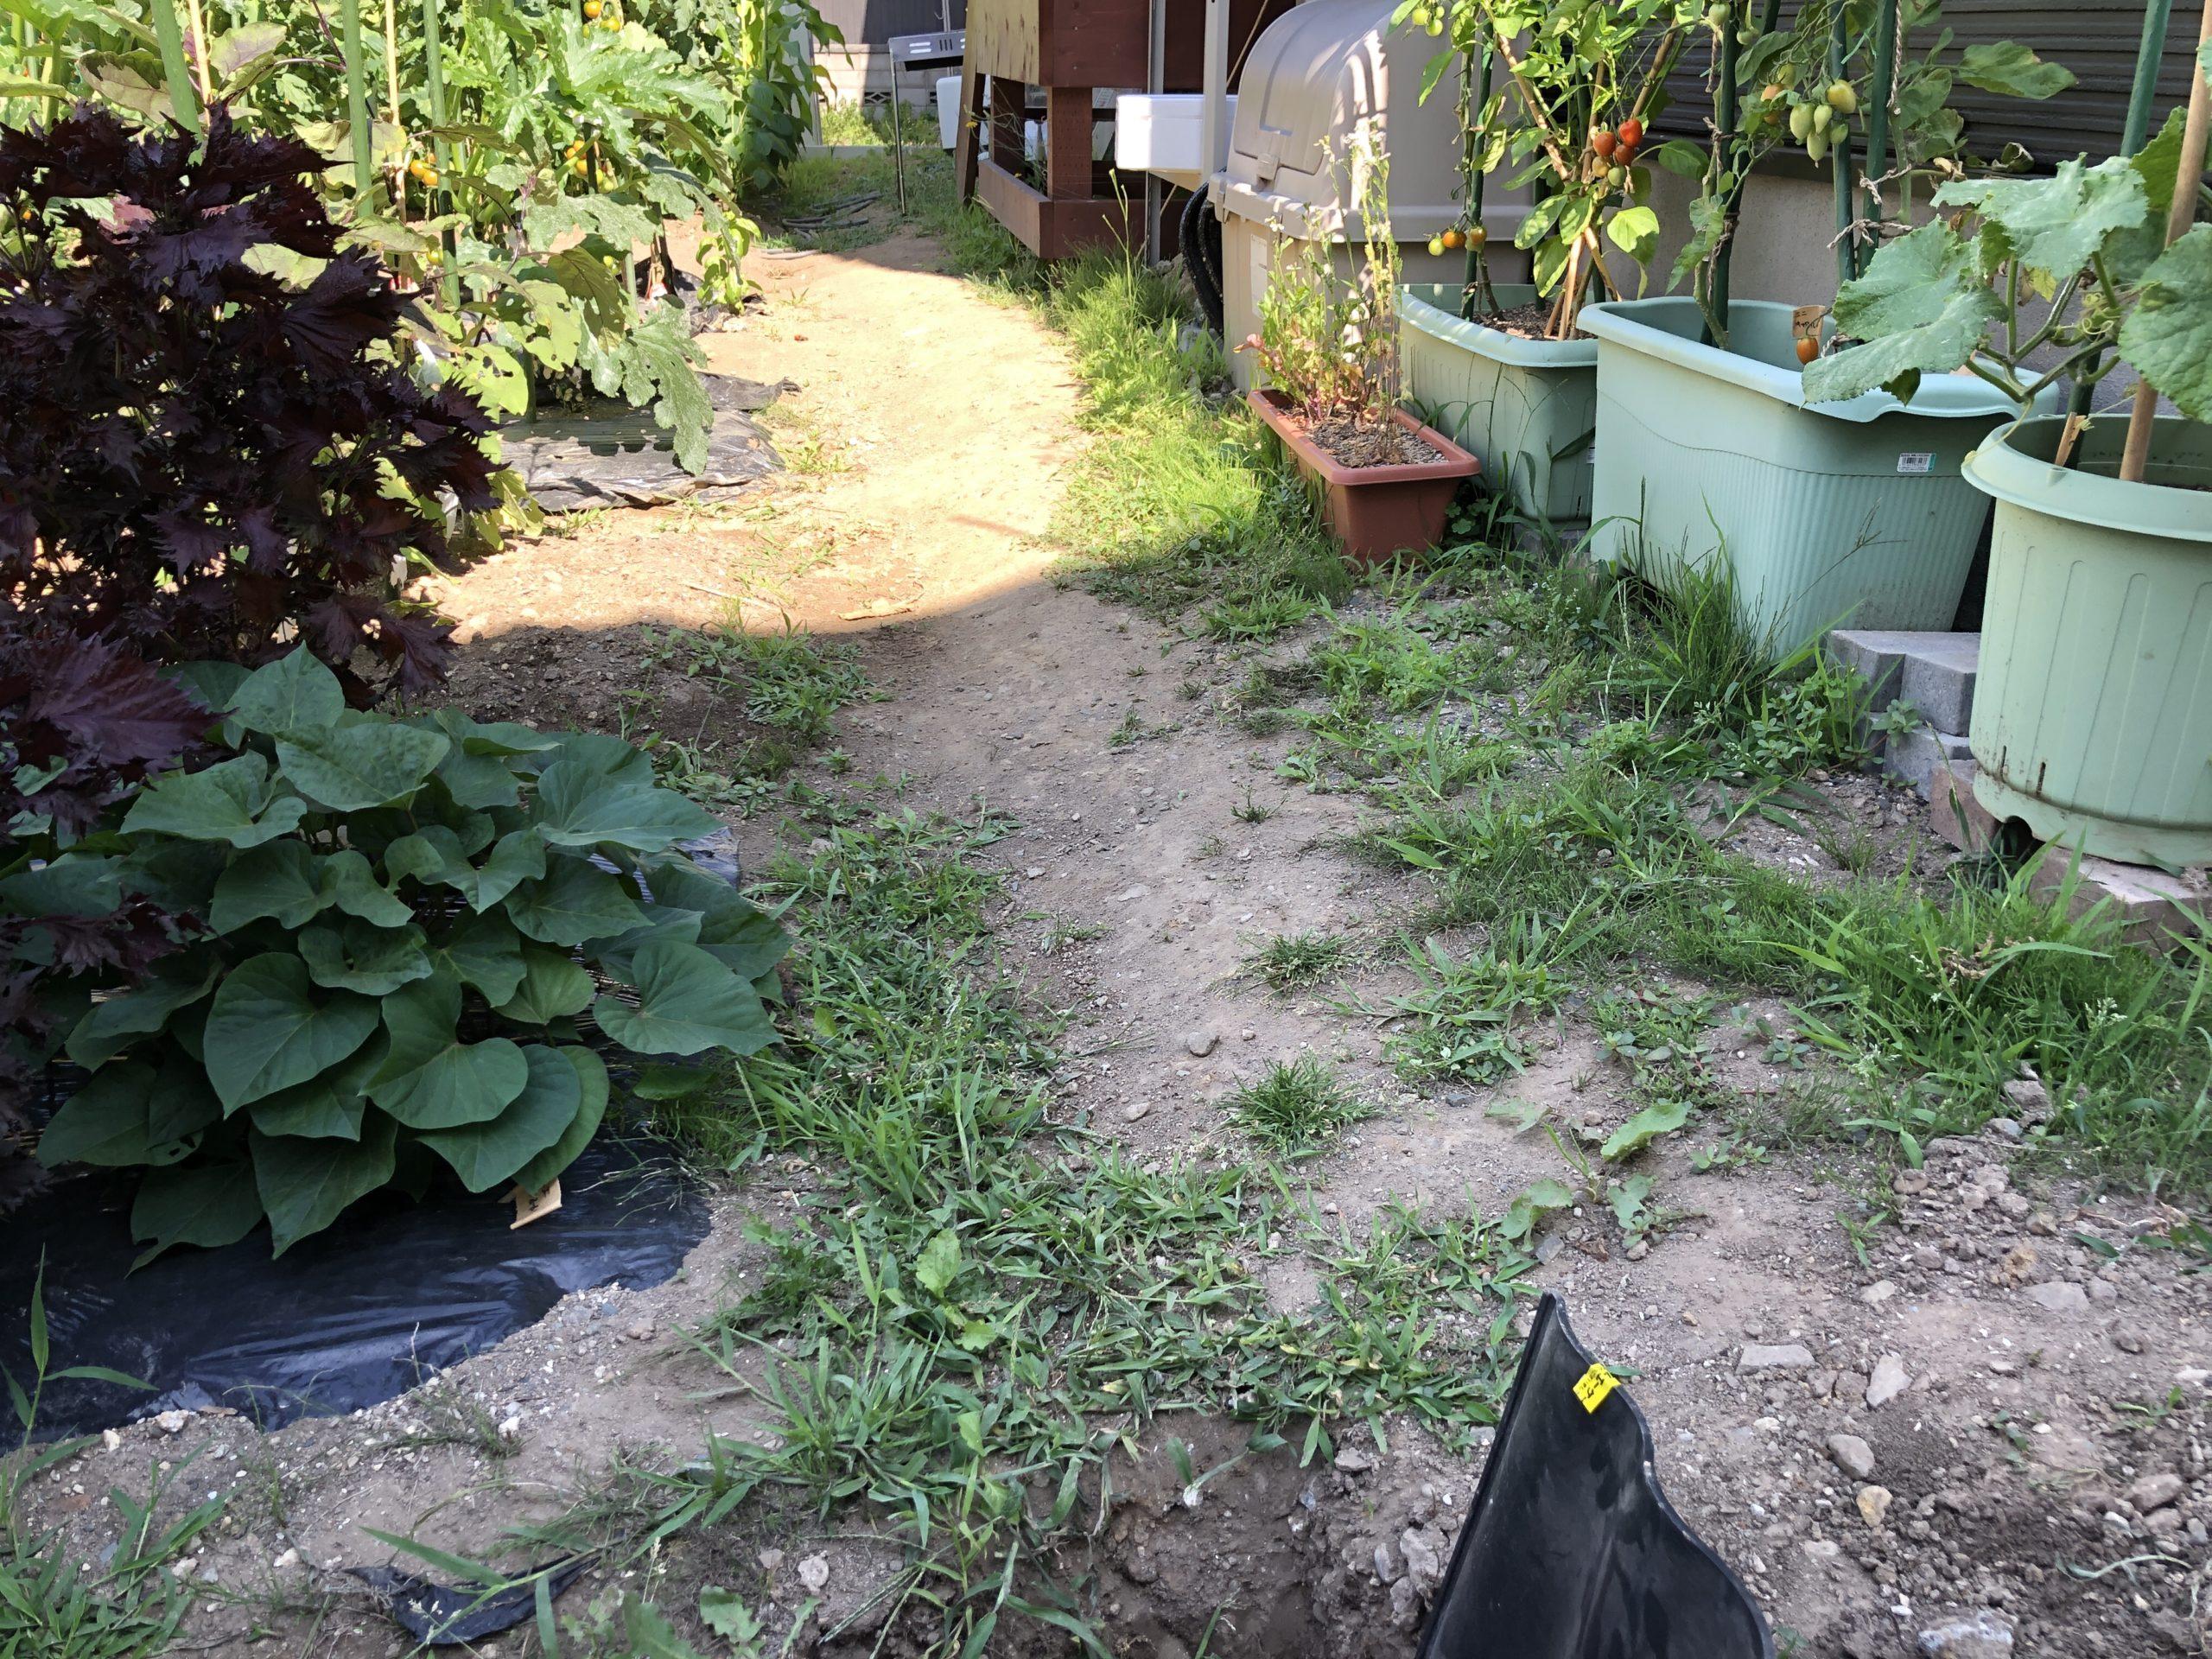 土留めであぜ板を使って家庭菜園をつくる